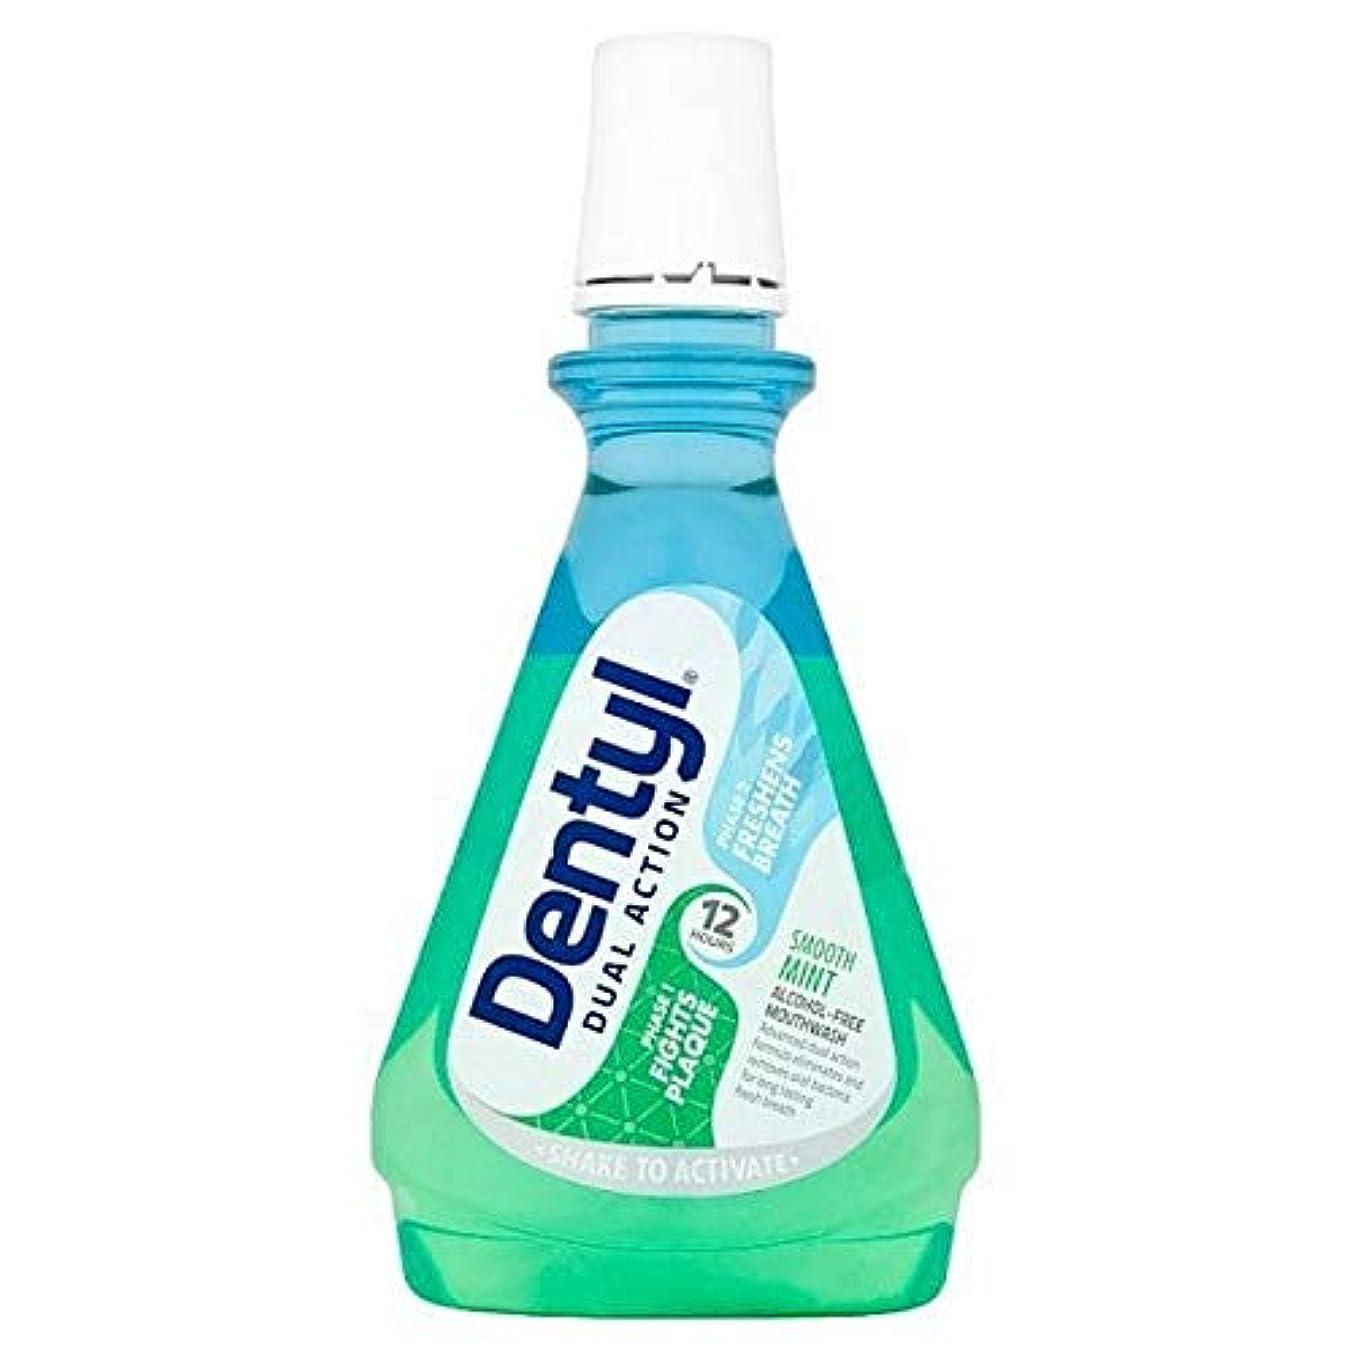 キウイ連想平和な[Dentyl] DentylのPhはミントアルコールフリーのミントマウスウォッシュ500ミリリットル - Dentyl PH Mint Alcohol Free Mint Mouthwash 500ml [並行輸入品]